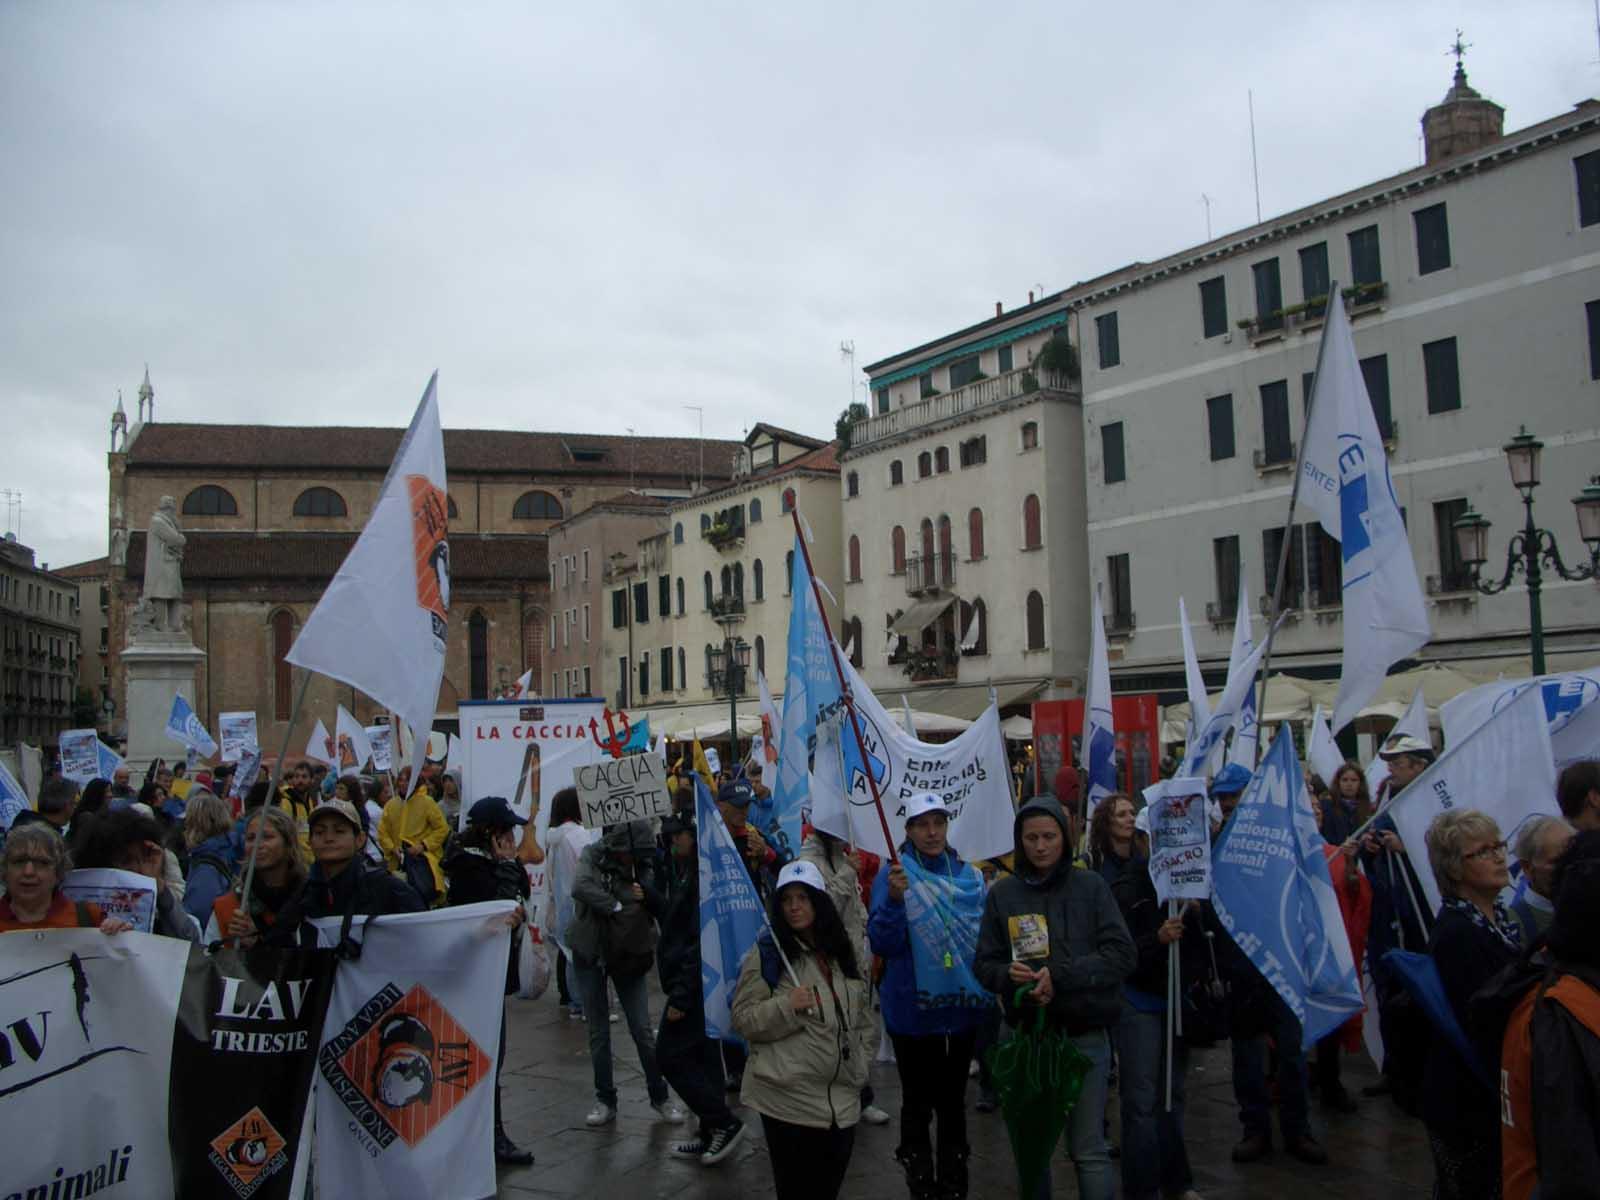 venezia-18-09-10-q